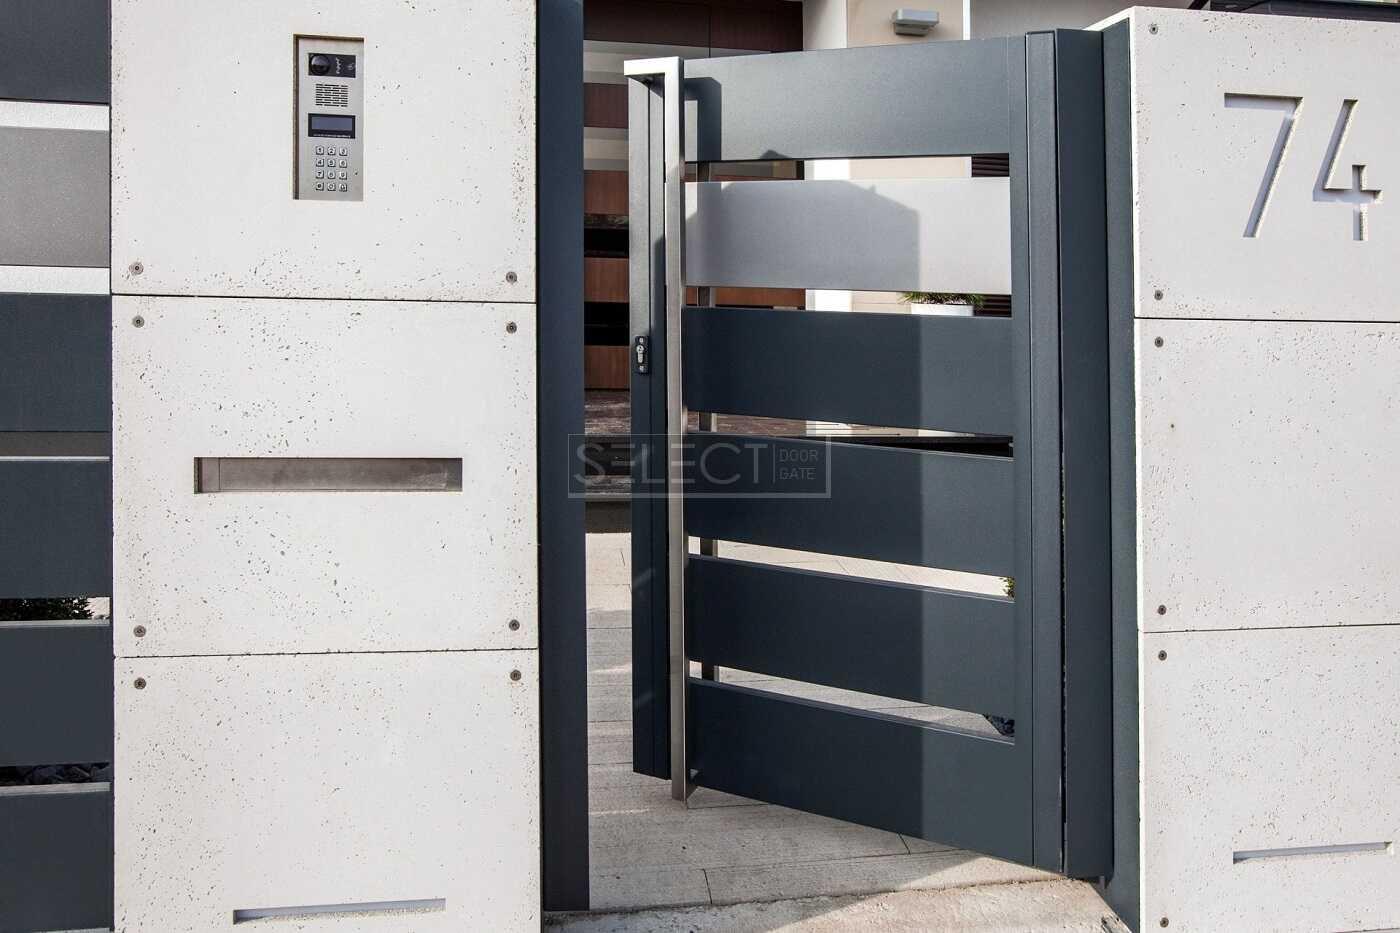 Select Plus Line - красивые калитки и заборы - современный стиль ограждения для частного дома